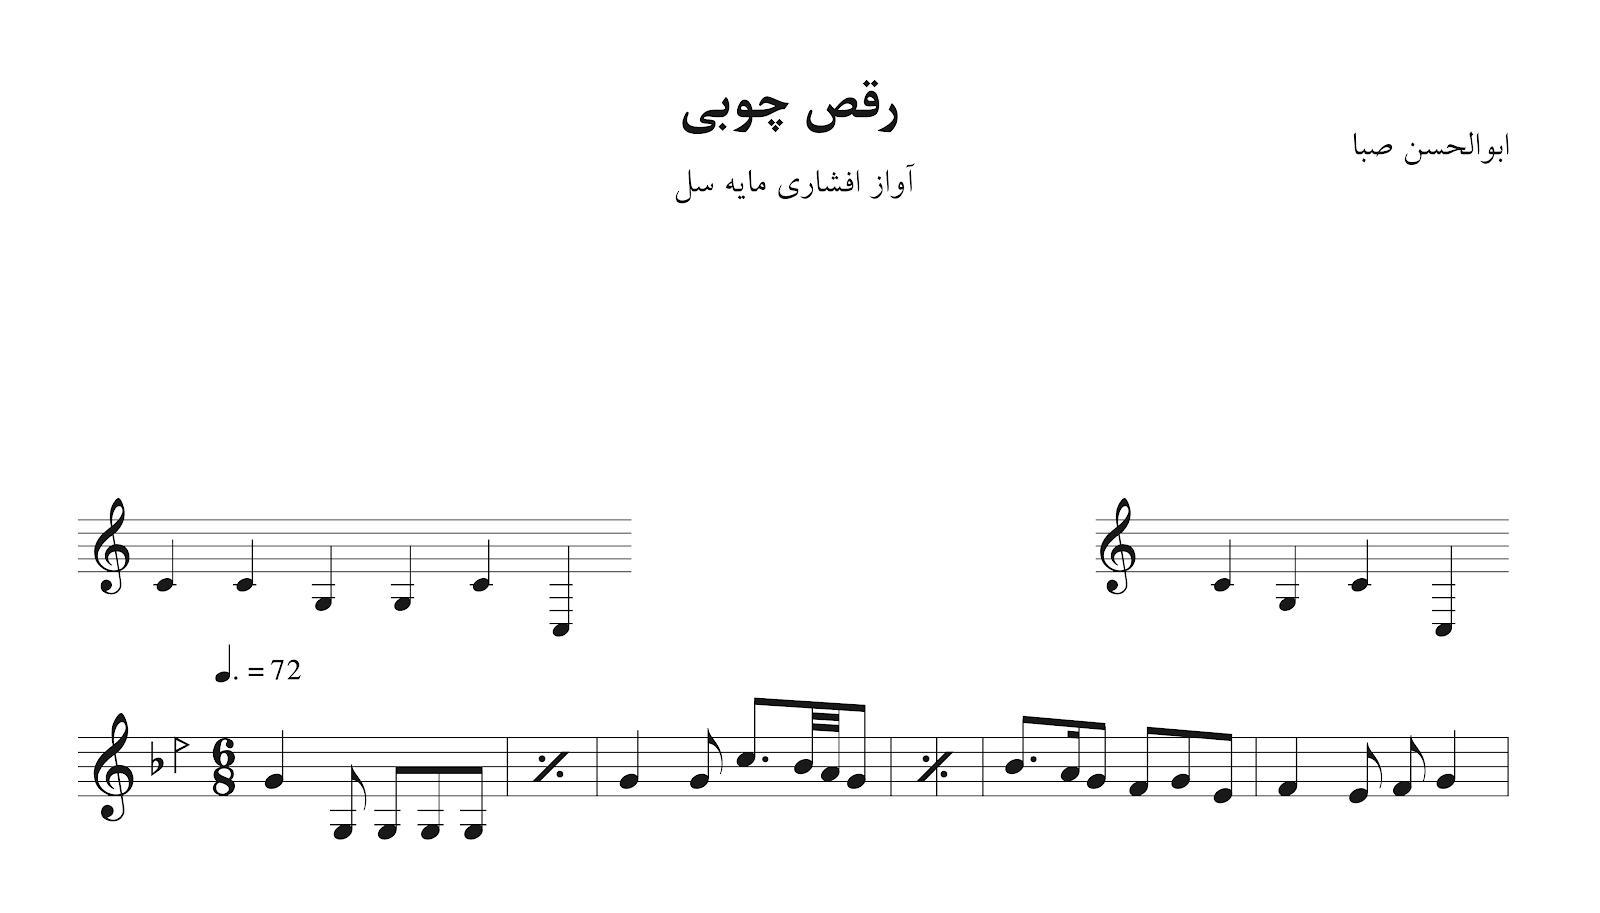 نت رقص چوبی ابوالحسن صبا